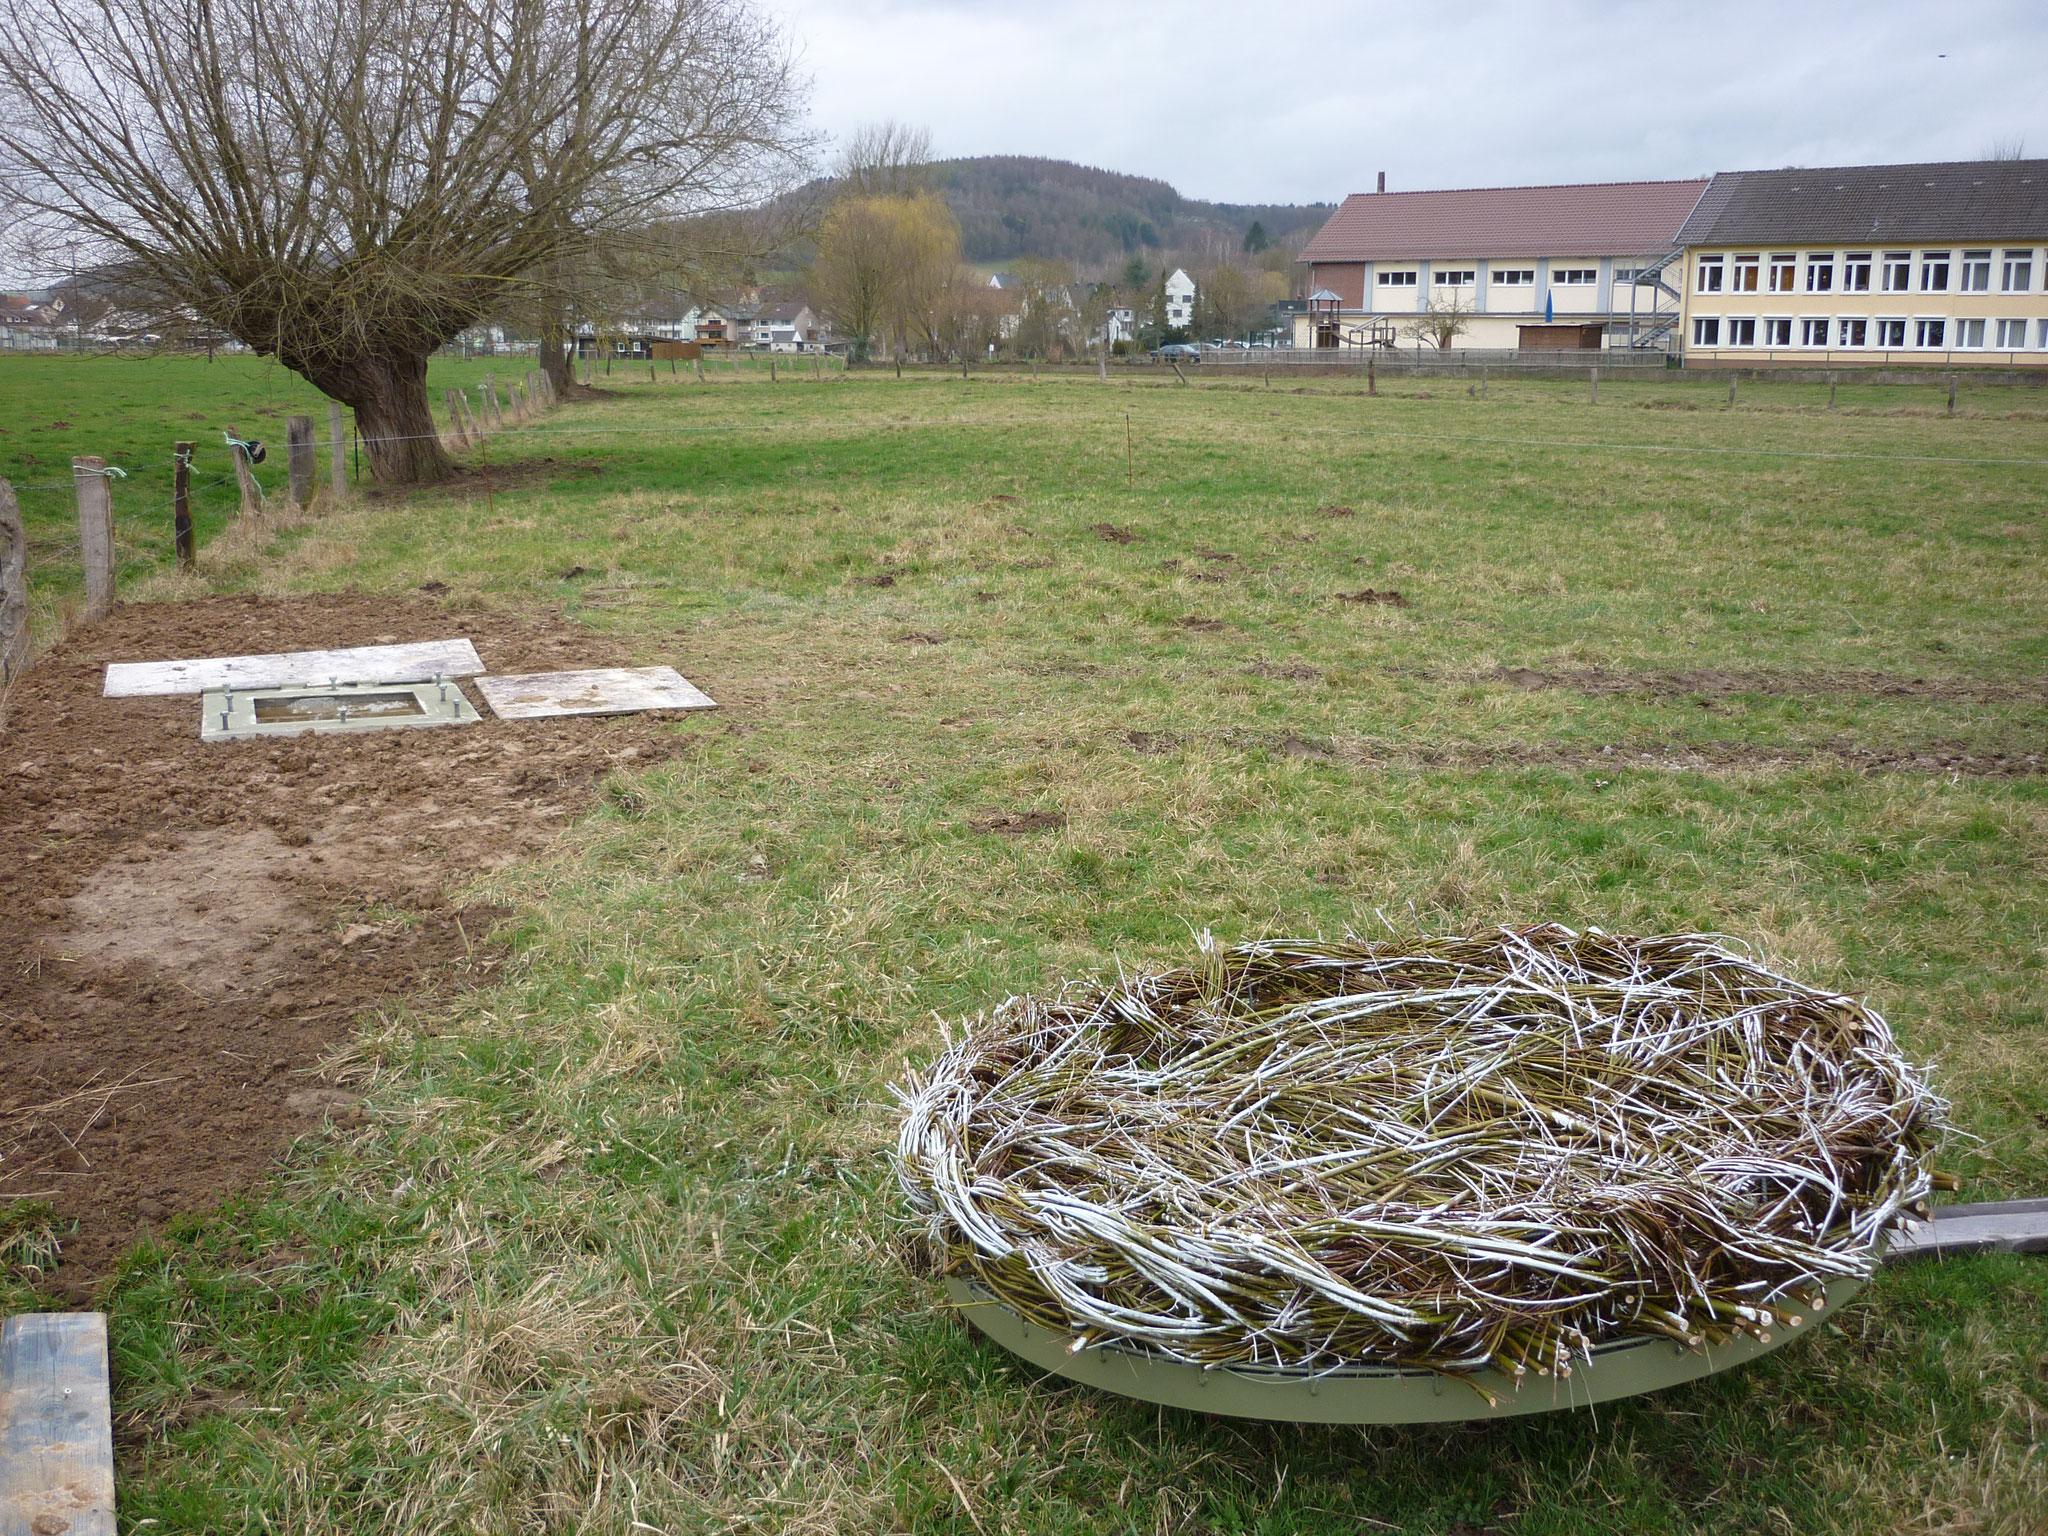 Links das Fundament für den Masten und rechts neue Storchennest. Im Hintergrund die Grundschule von Ottbergen.